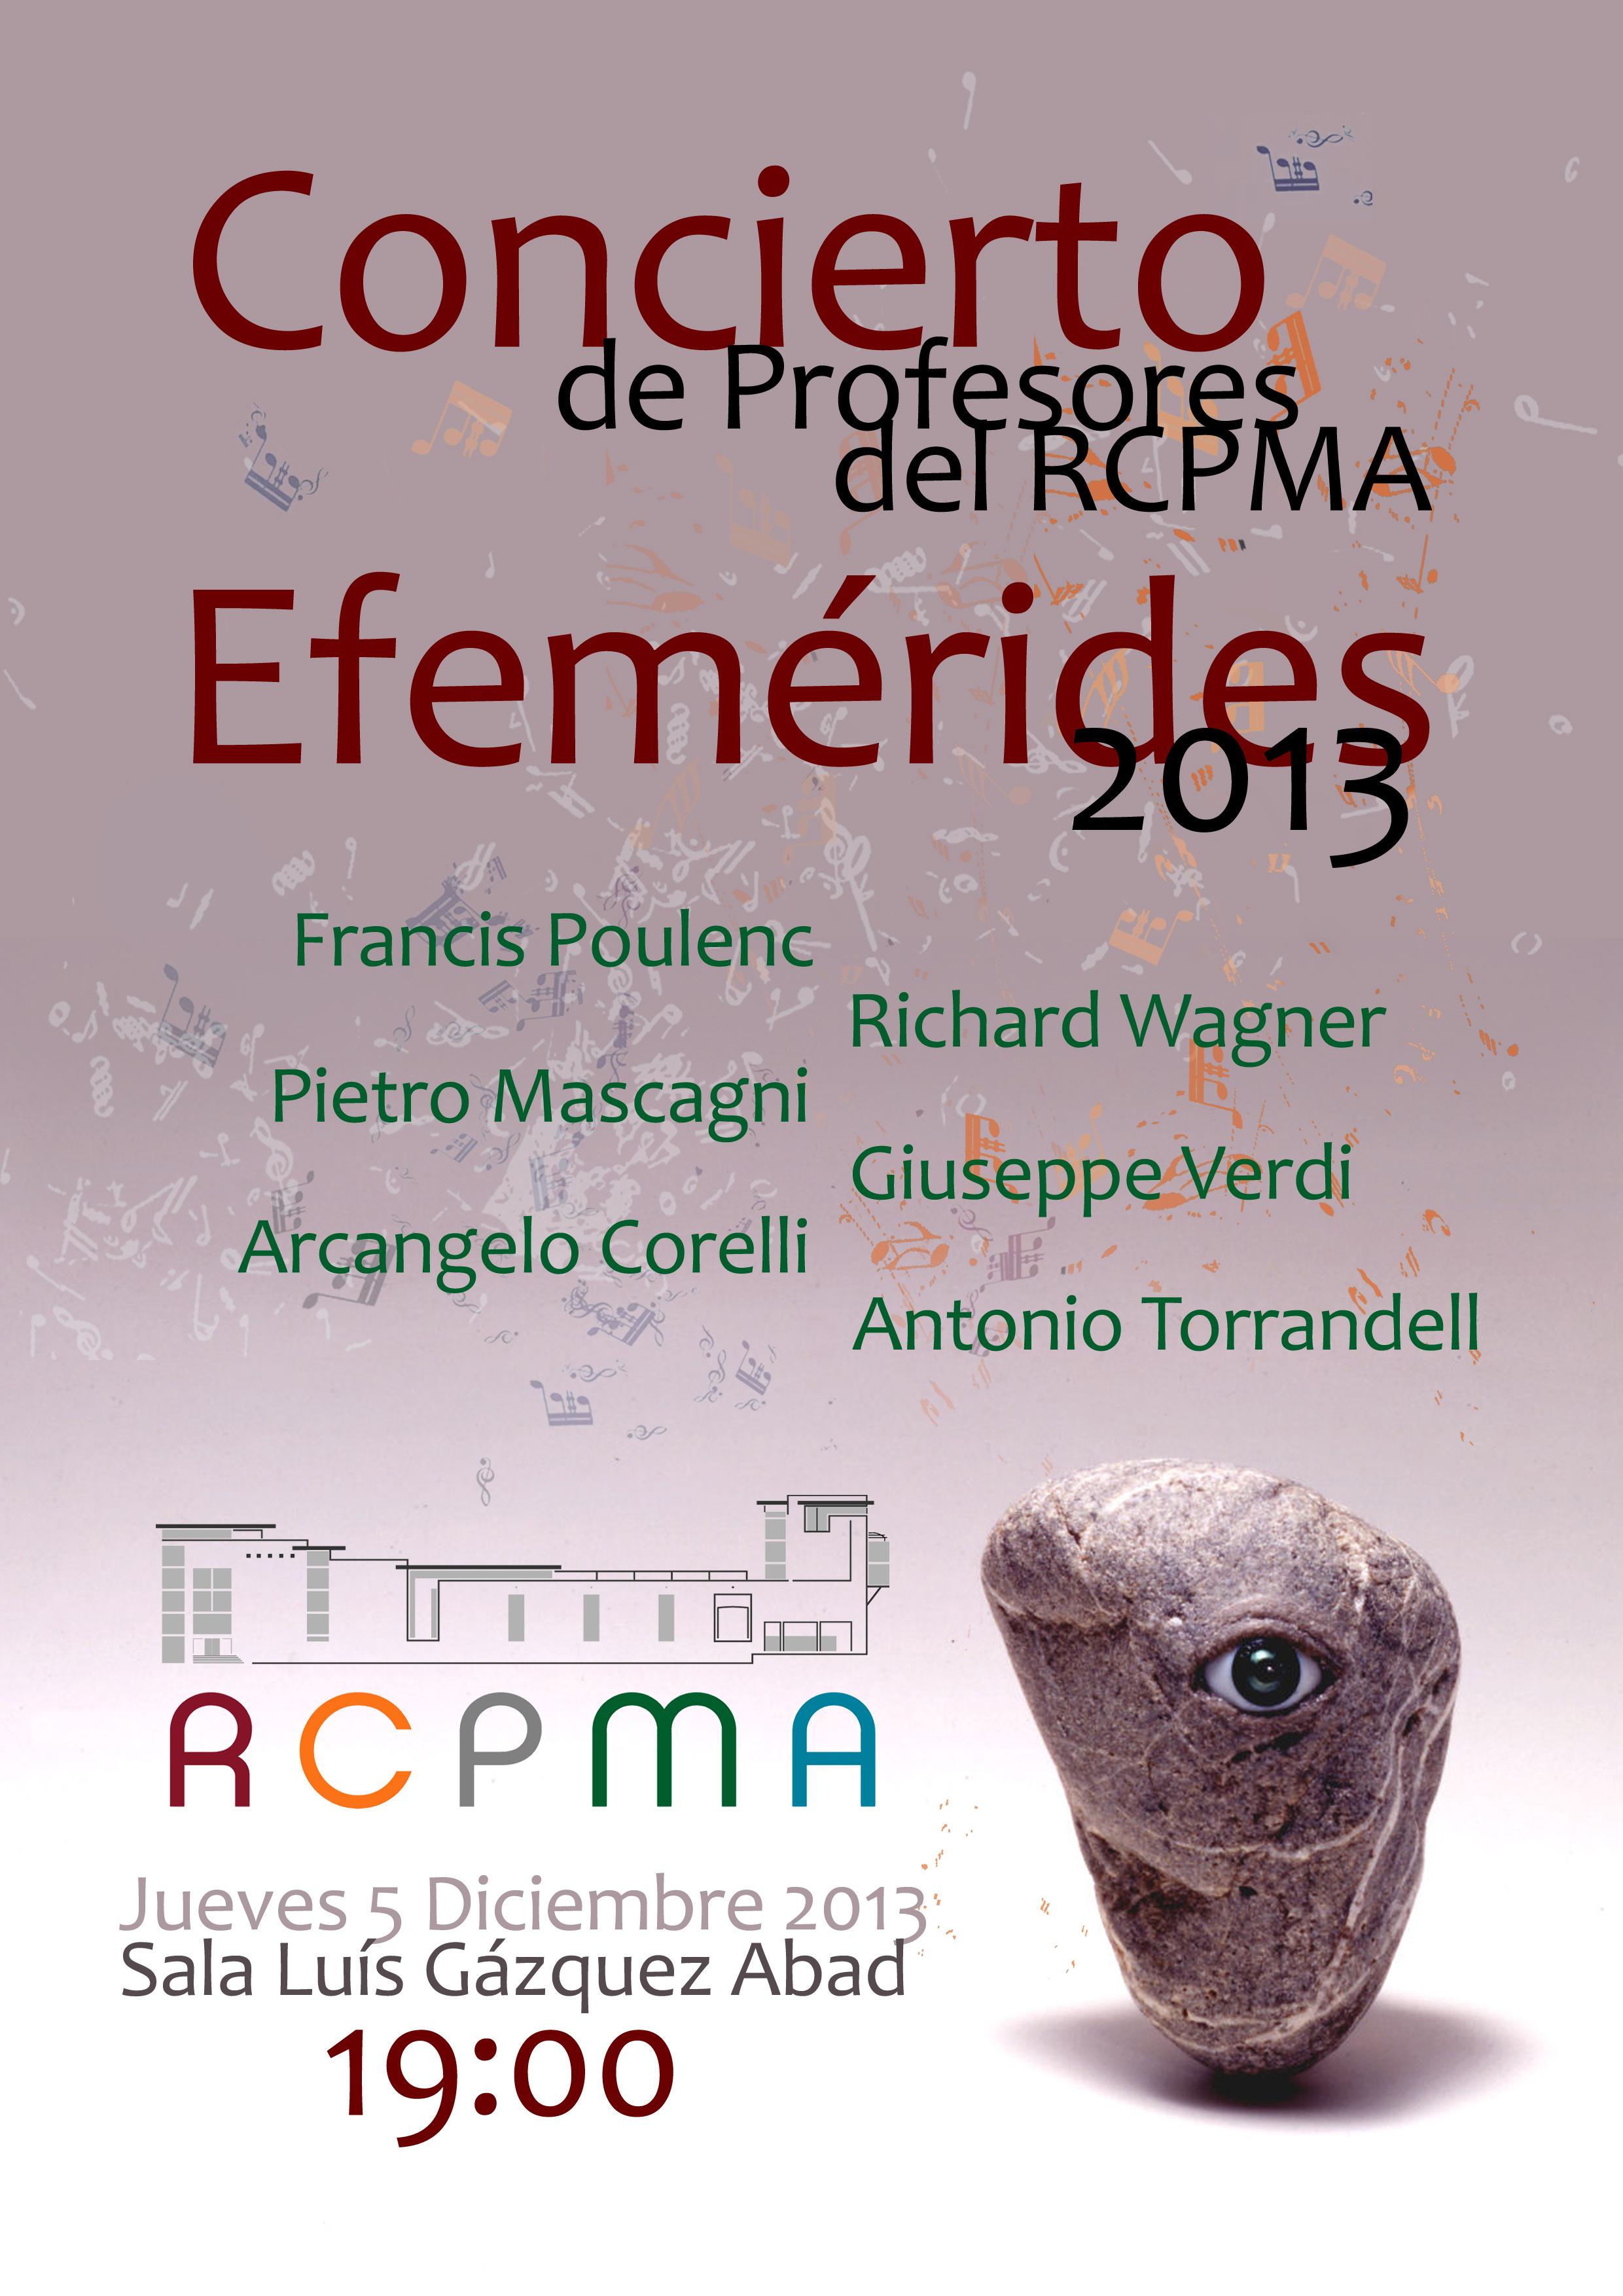 13-12-05.RCPMA.concierto.profes.efemerides.2013.CARTEL